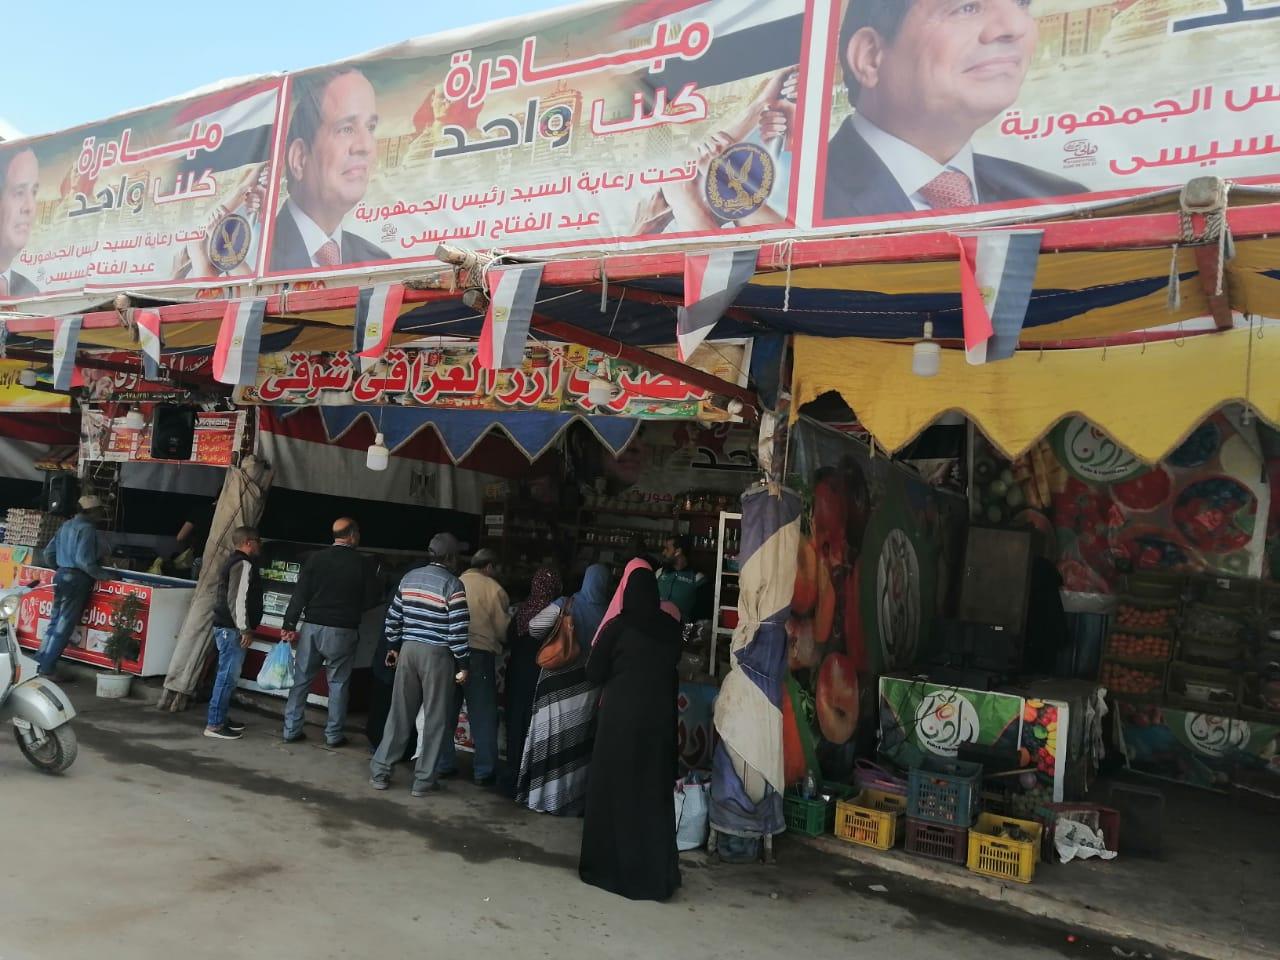 اسواق تحيا مصر للخضر والفاكهة بالغربية (9)